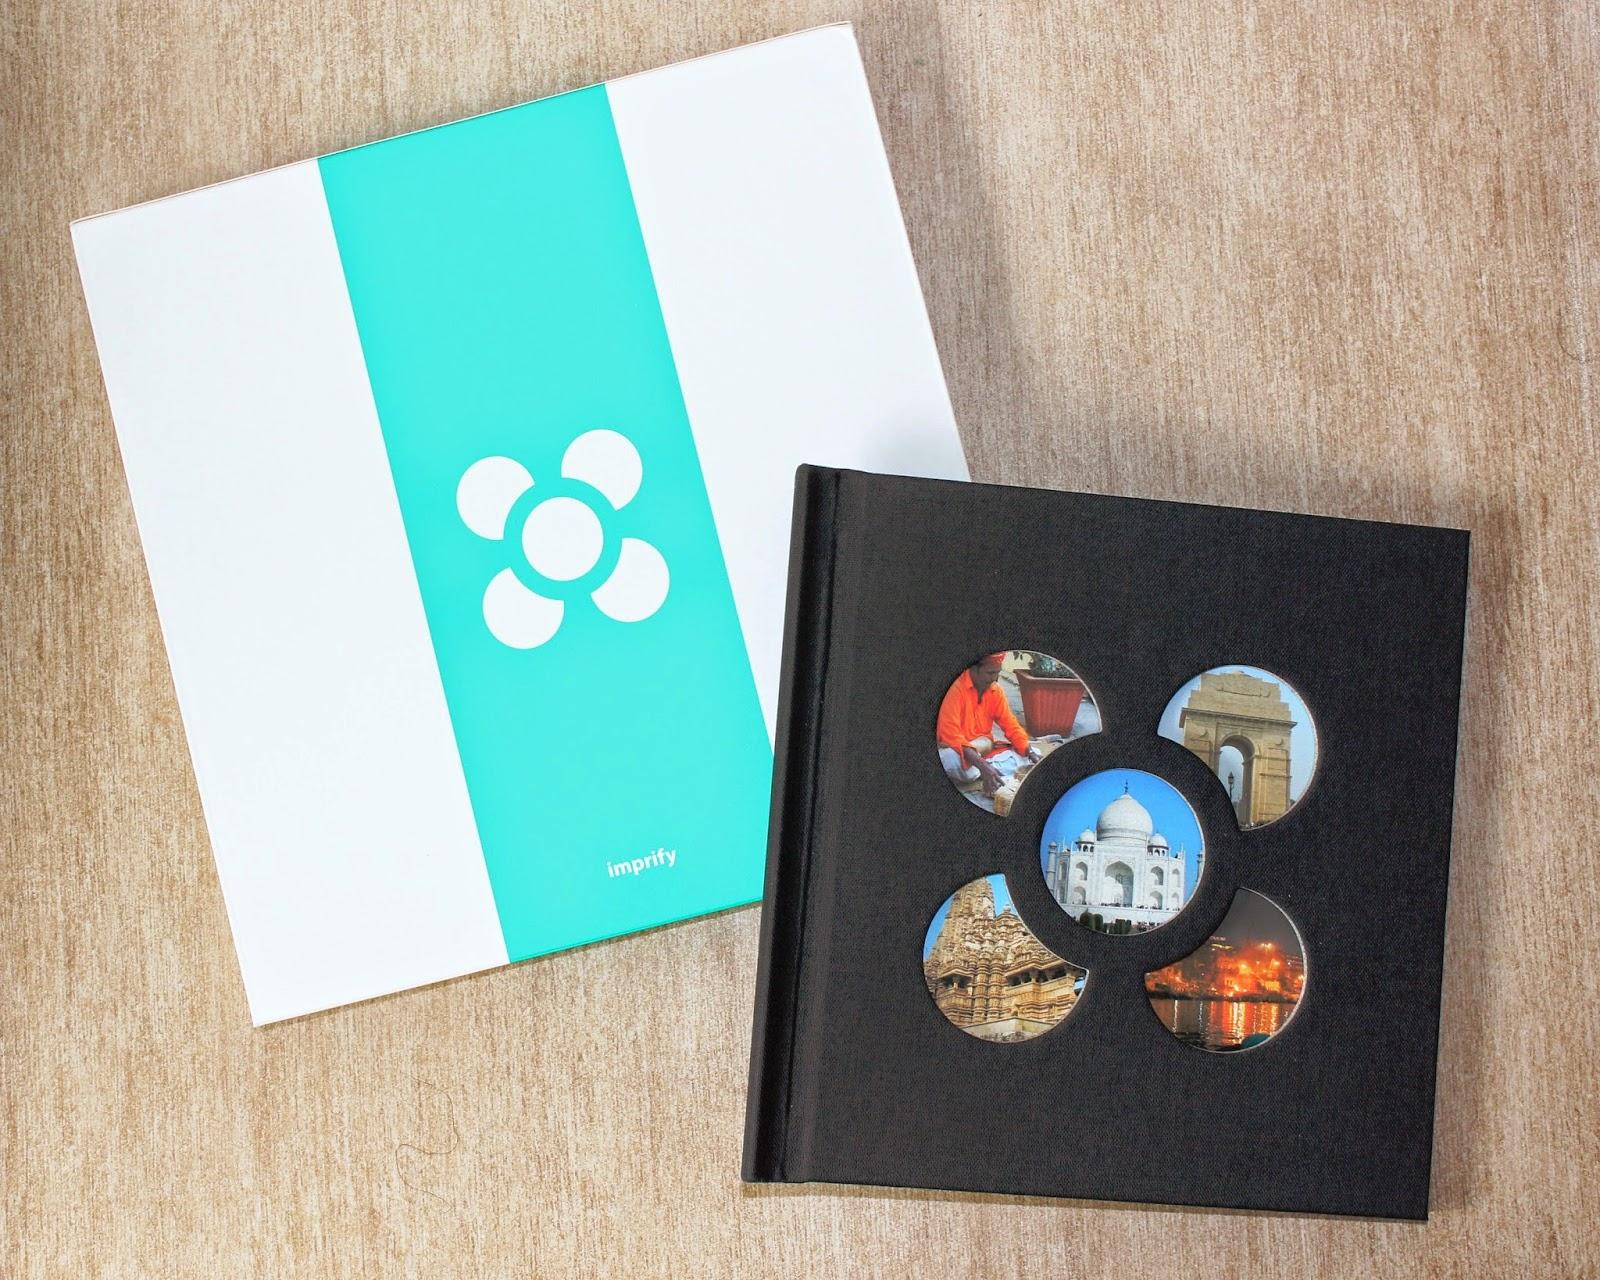 Album de fotos digital Imprify